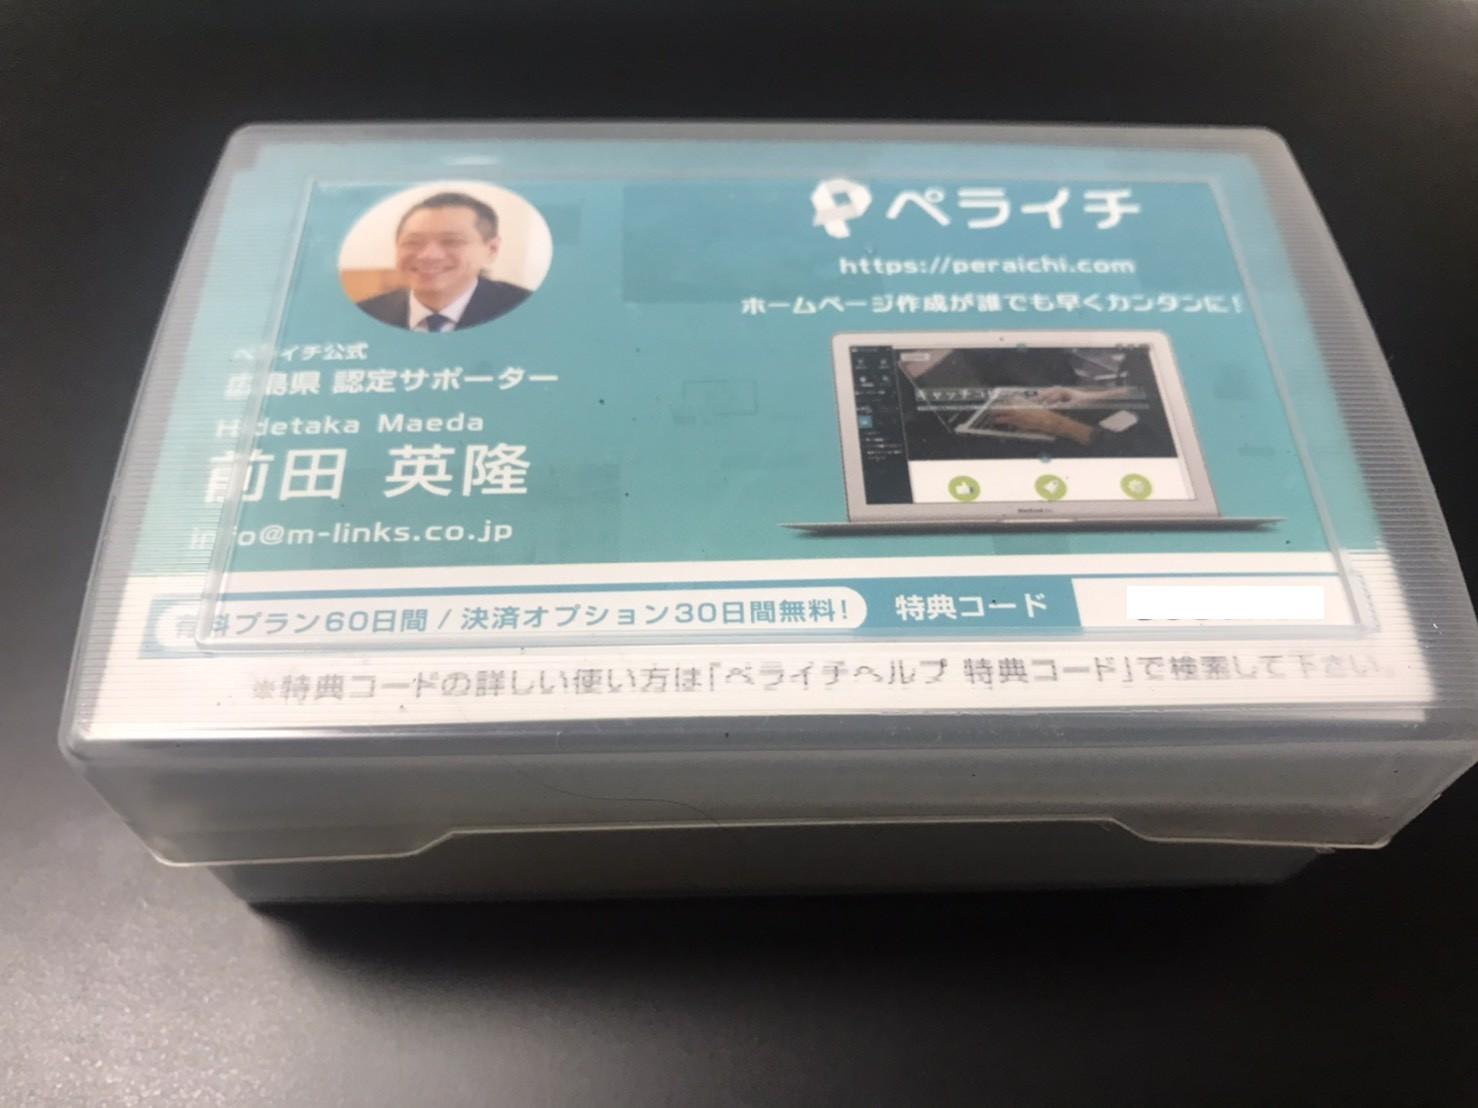 ペライチ公式広島県認定サポーター名刺届く。